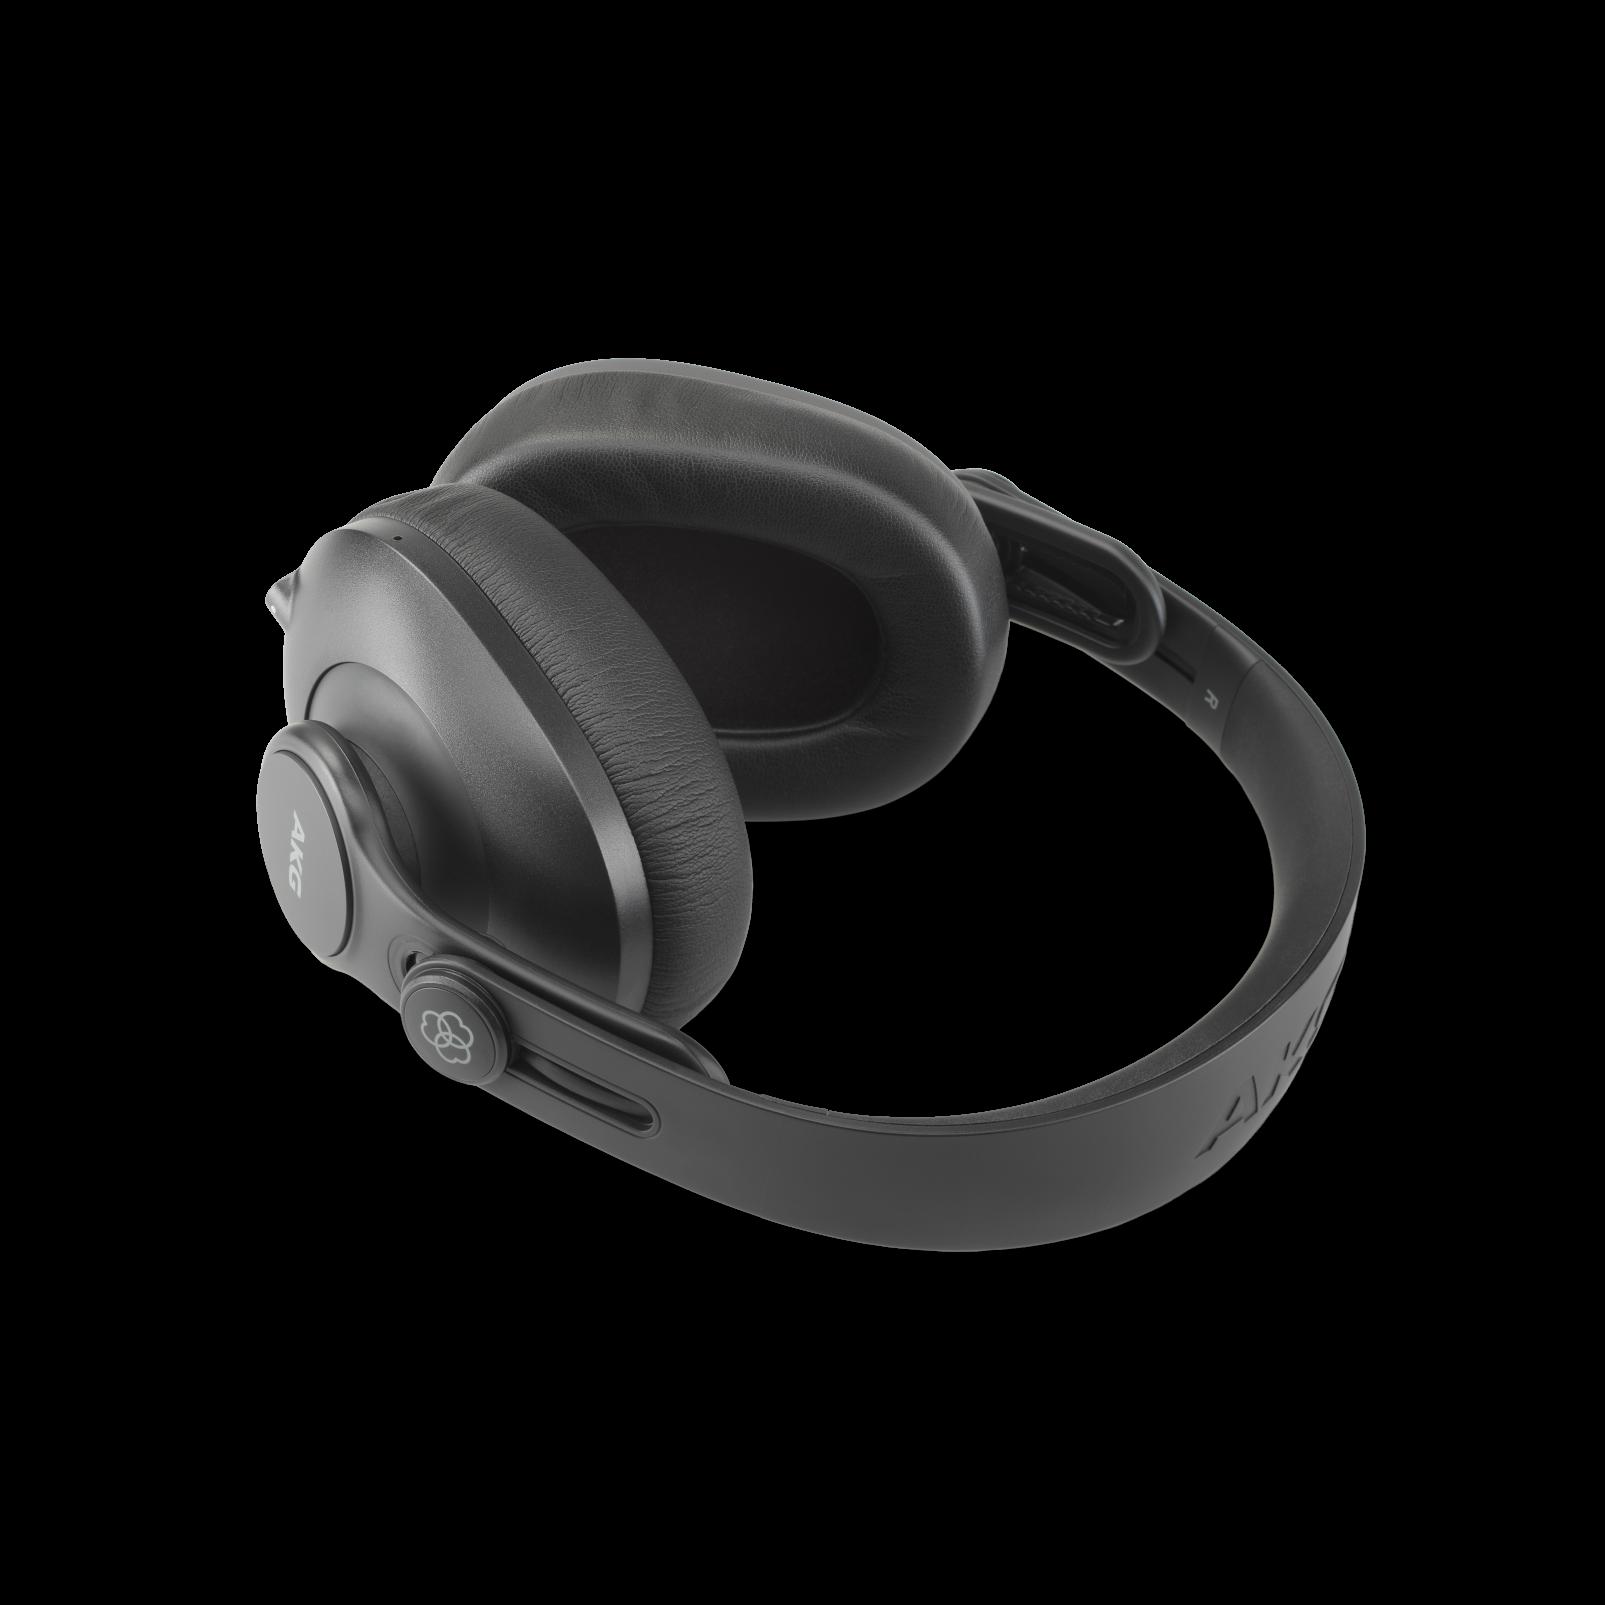 K361-BT - Black - Over-ear, closed-back, foldable studio headphones with Bluetooth - Detailshot 4